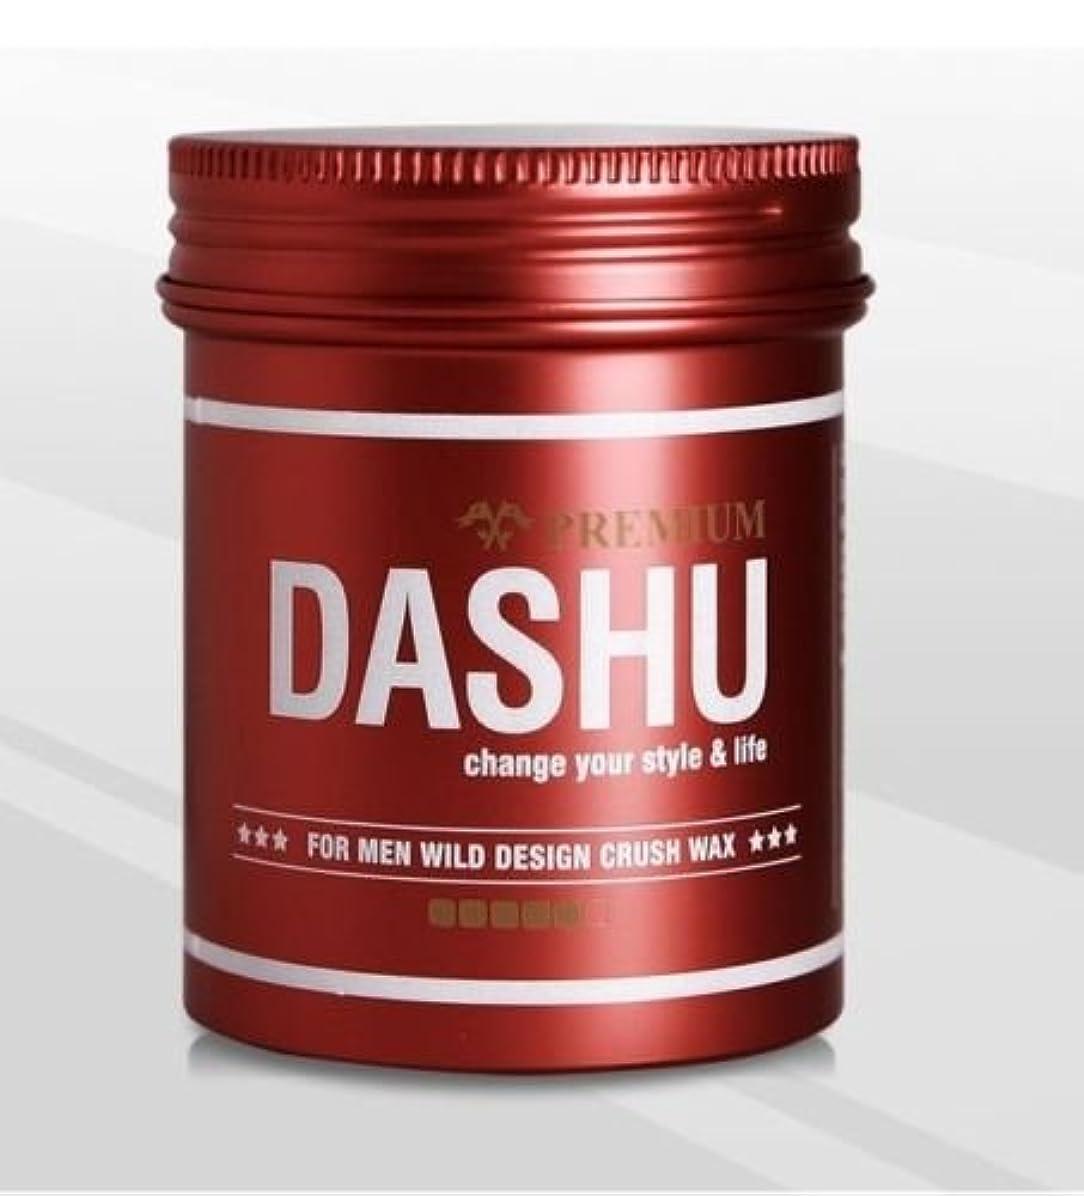 レース免除する取り除く[DASHU] ダシュ For Men男性用 プレミアムワイルドデザインクラッシュワックス Premium Wild Design Crush Hair Wax 100ml / 韓国製 . 韓国直送品